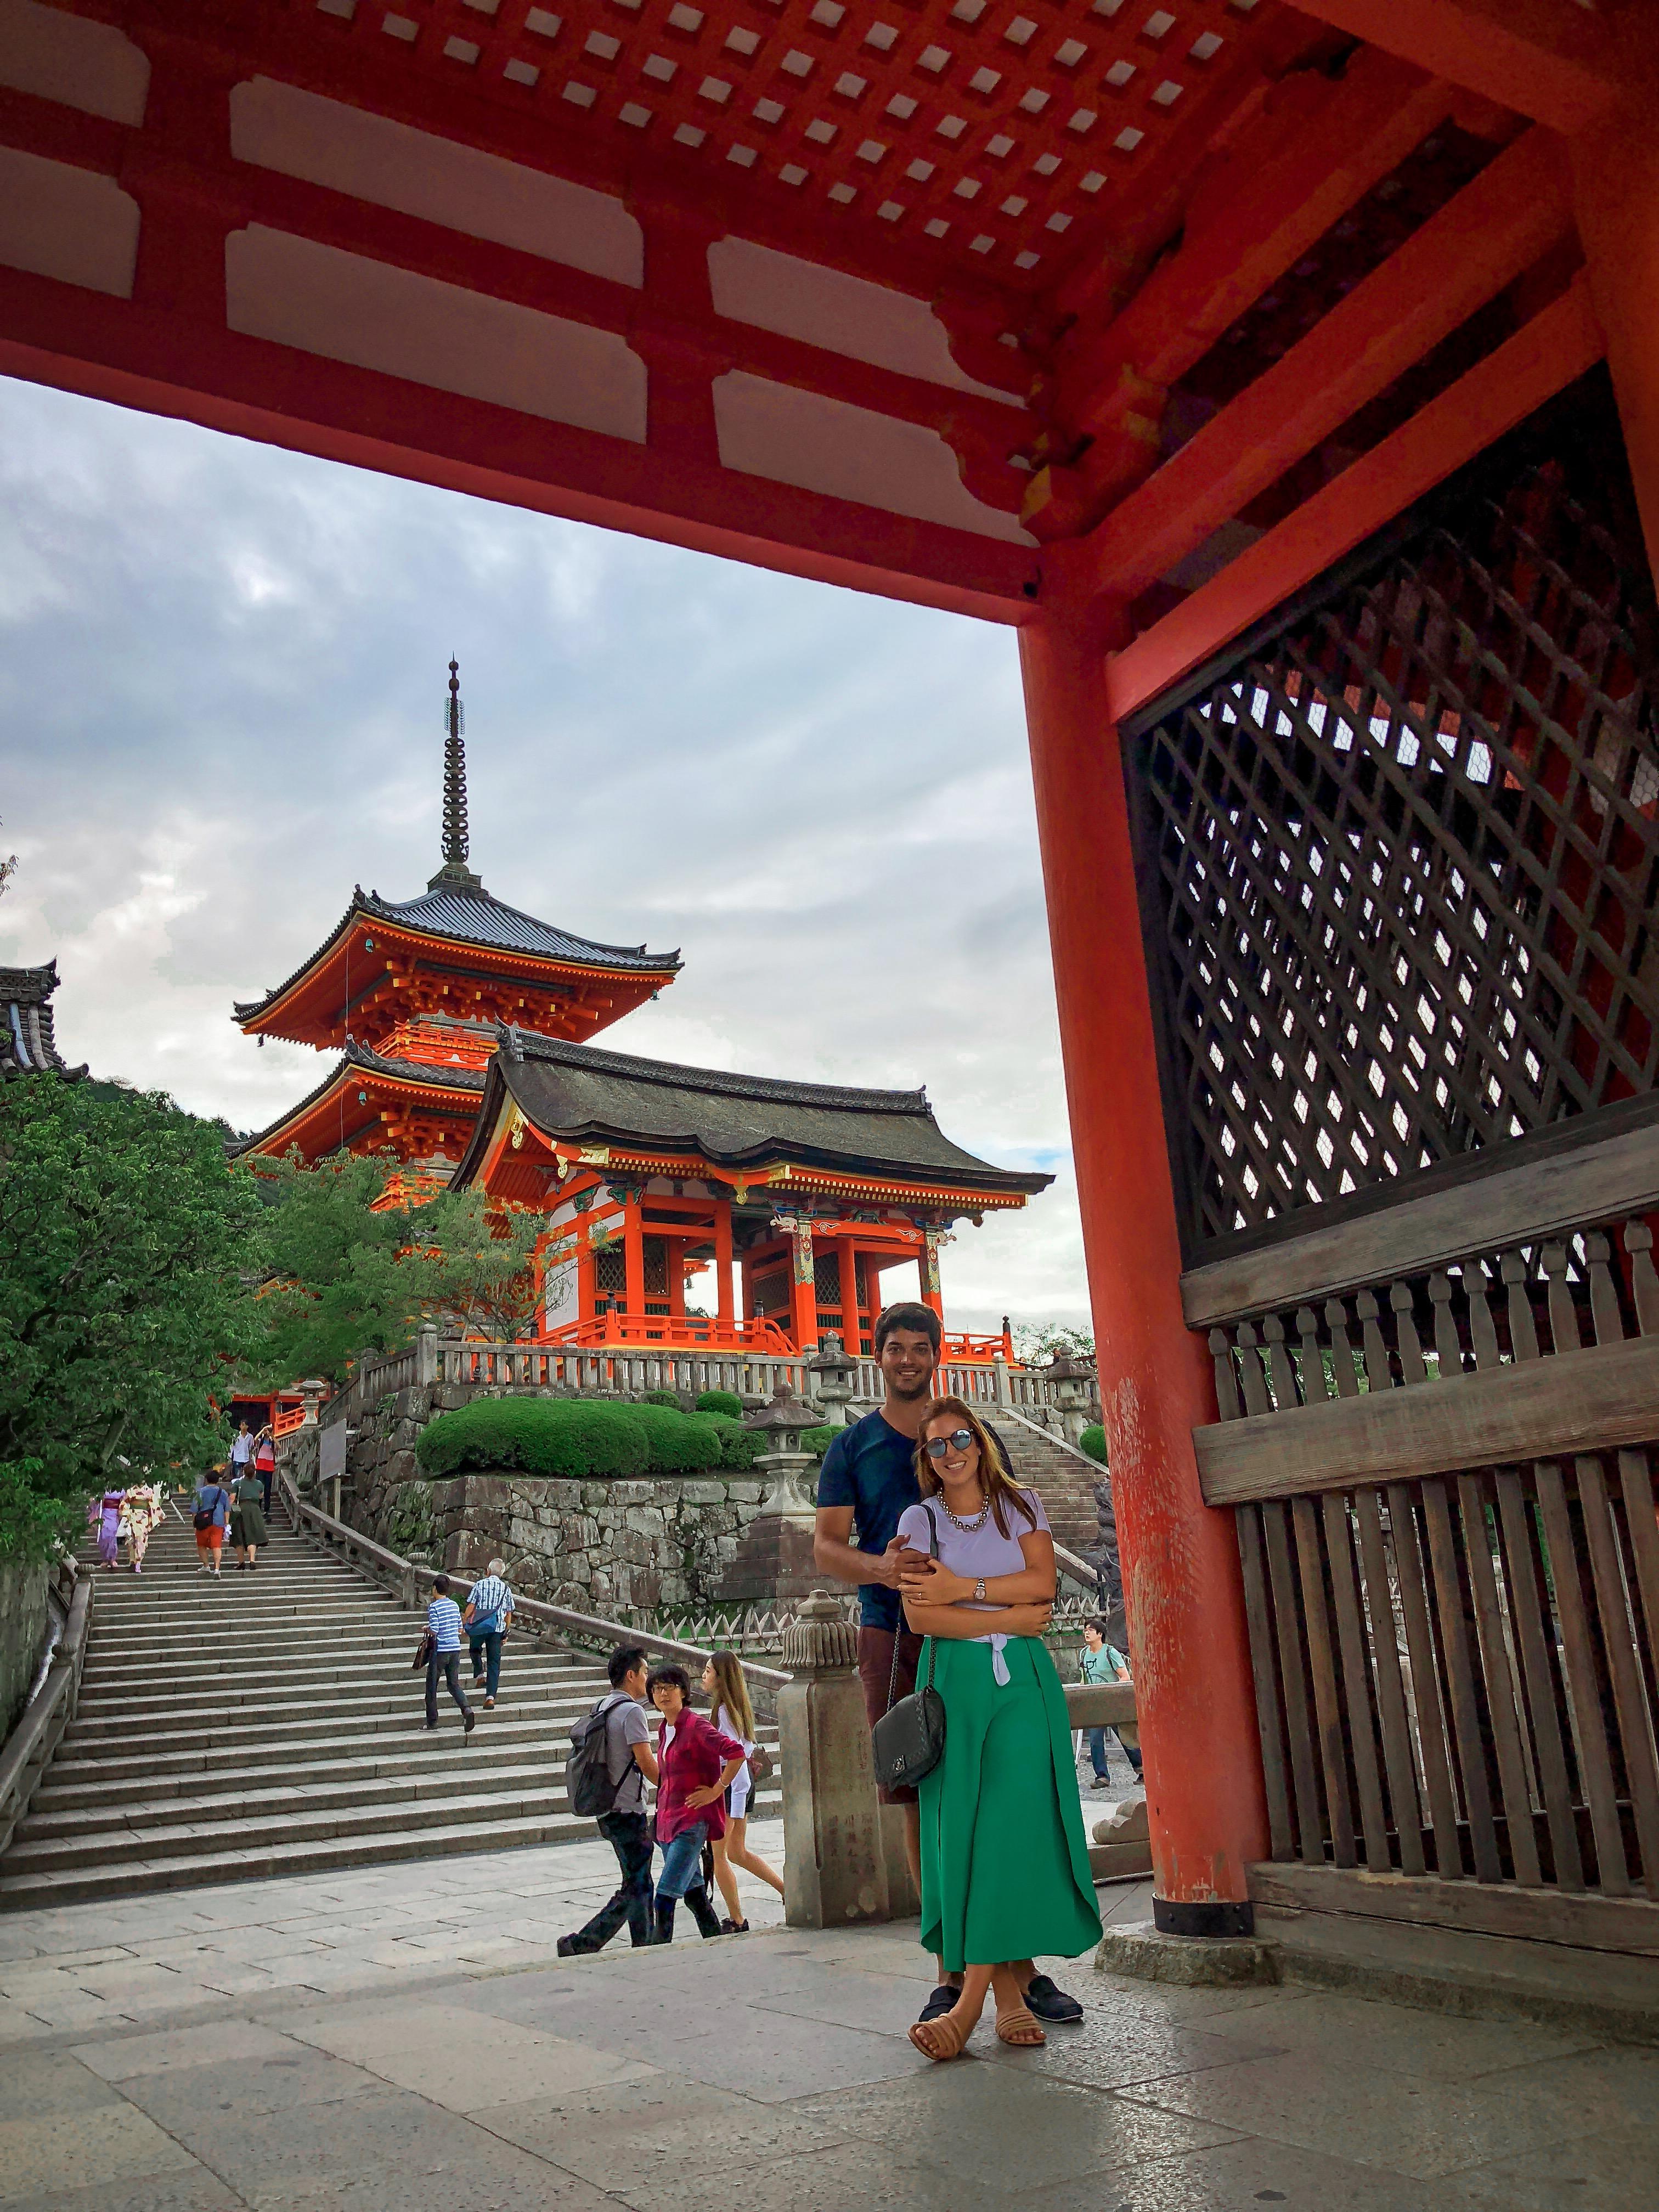 kyoto kiyomizu dera temple 7